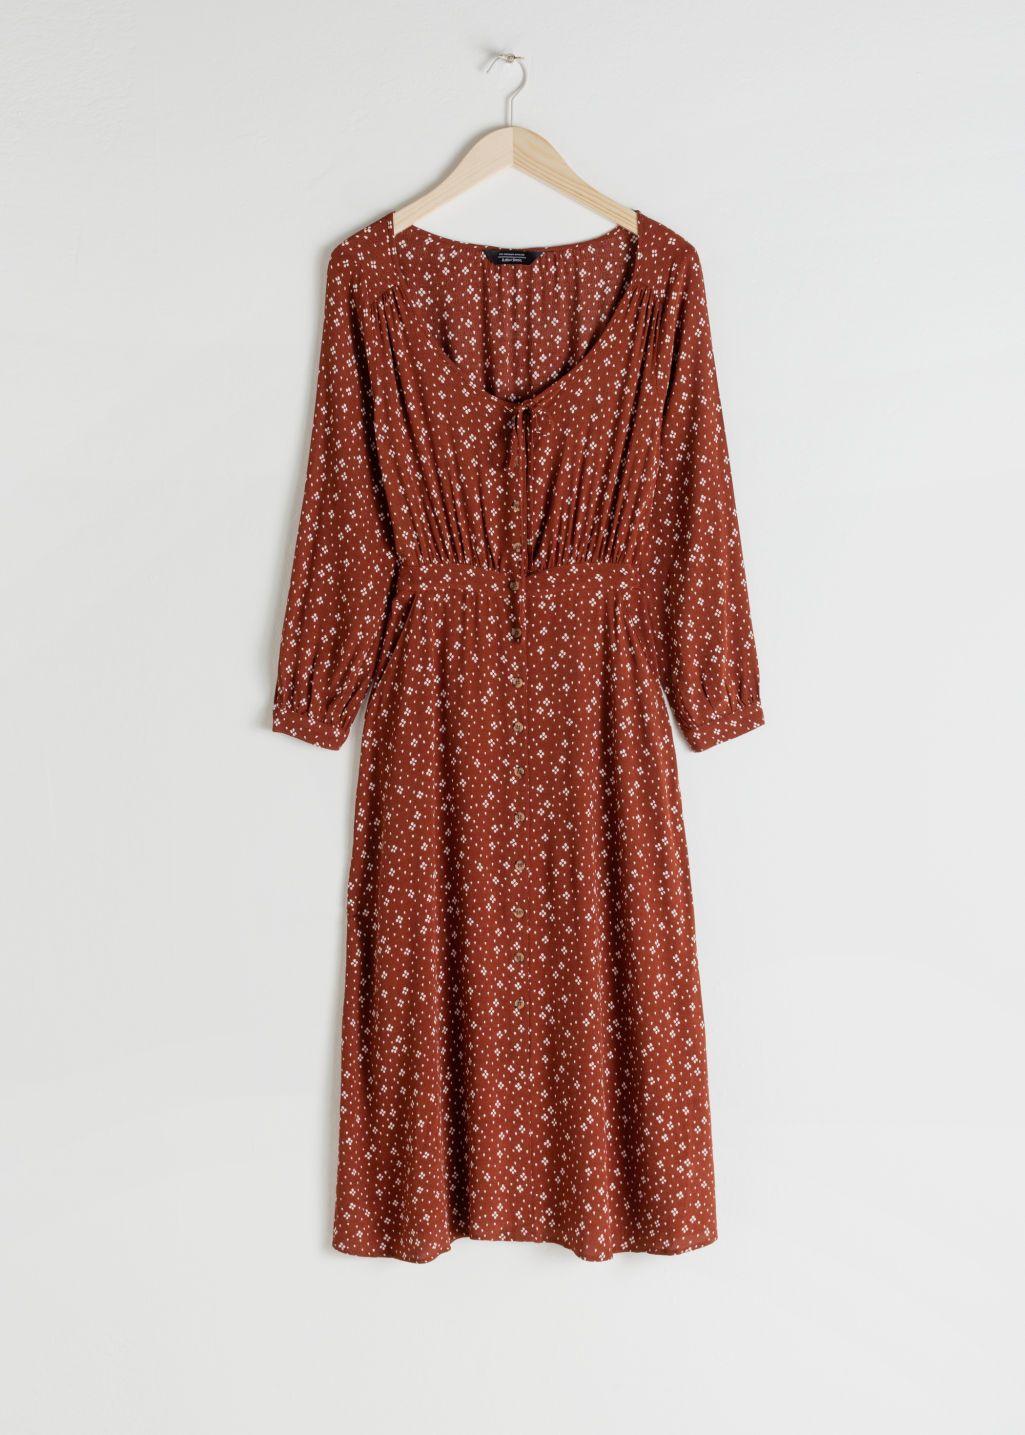 Pdp Dresses Midi Dress Rust Dress [ 1435 x 1025 Pixel ]